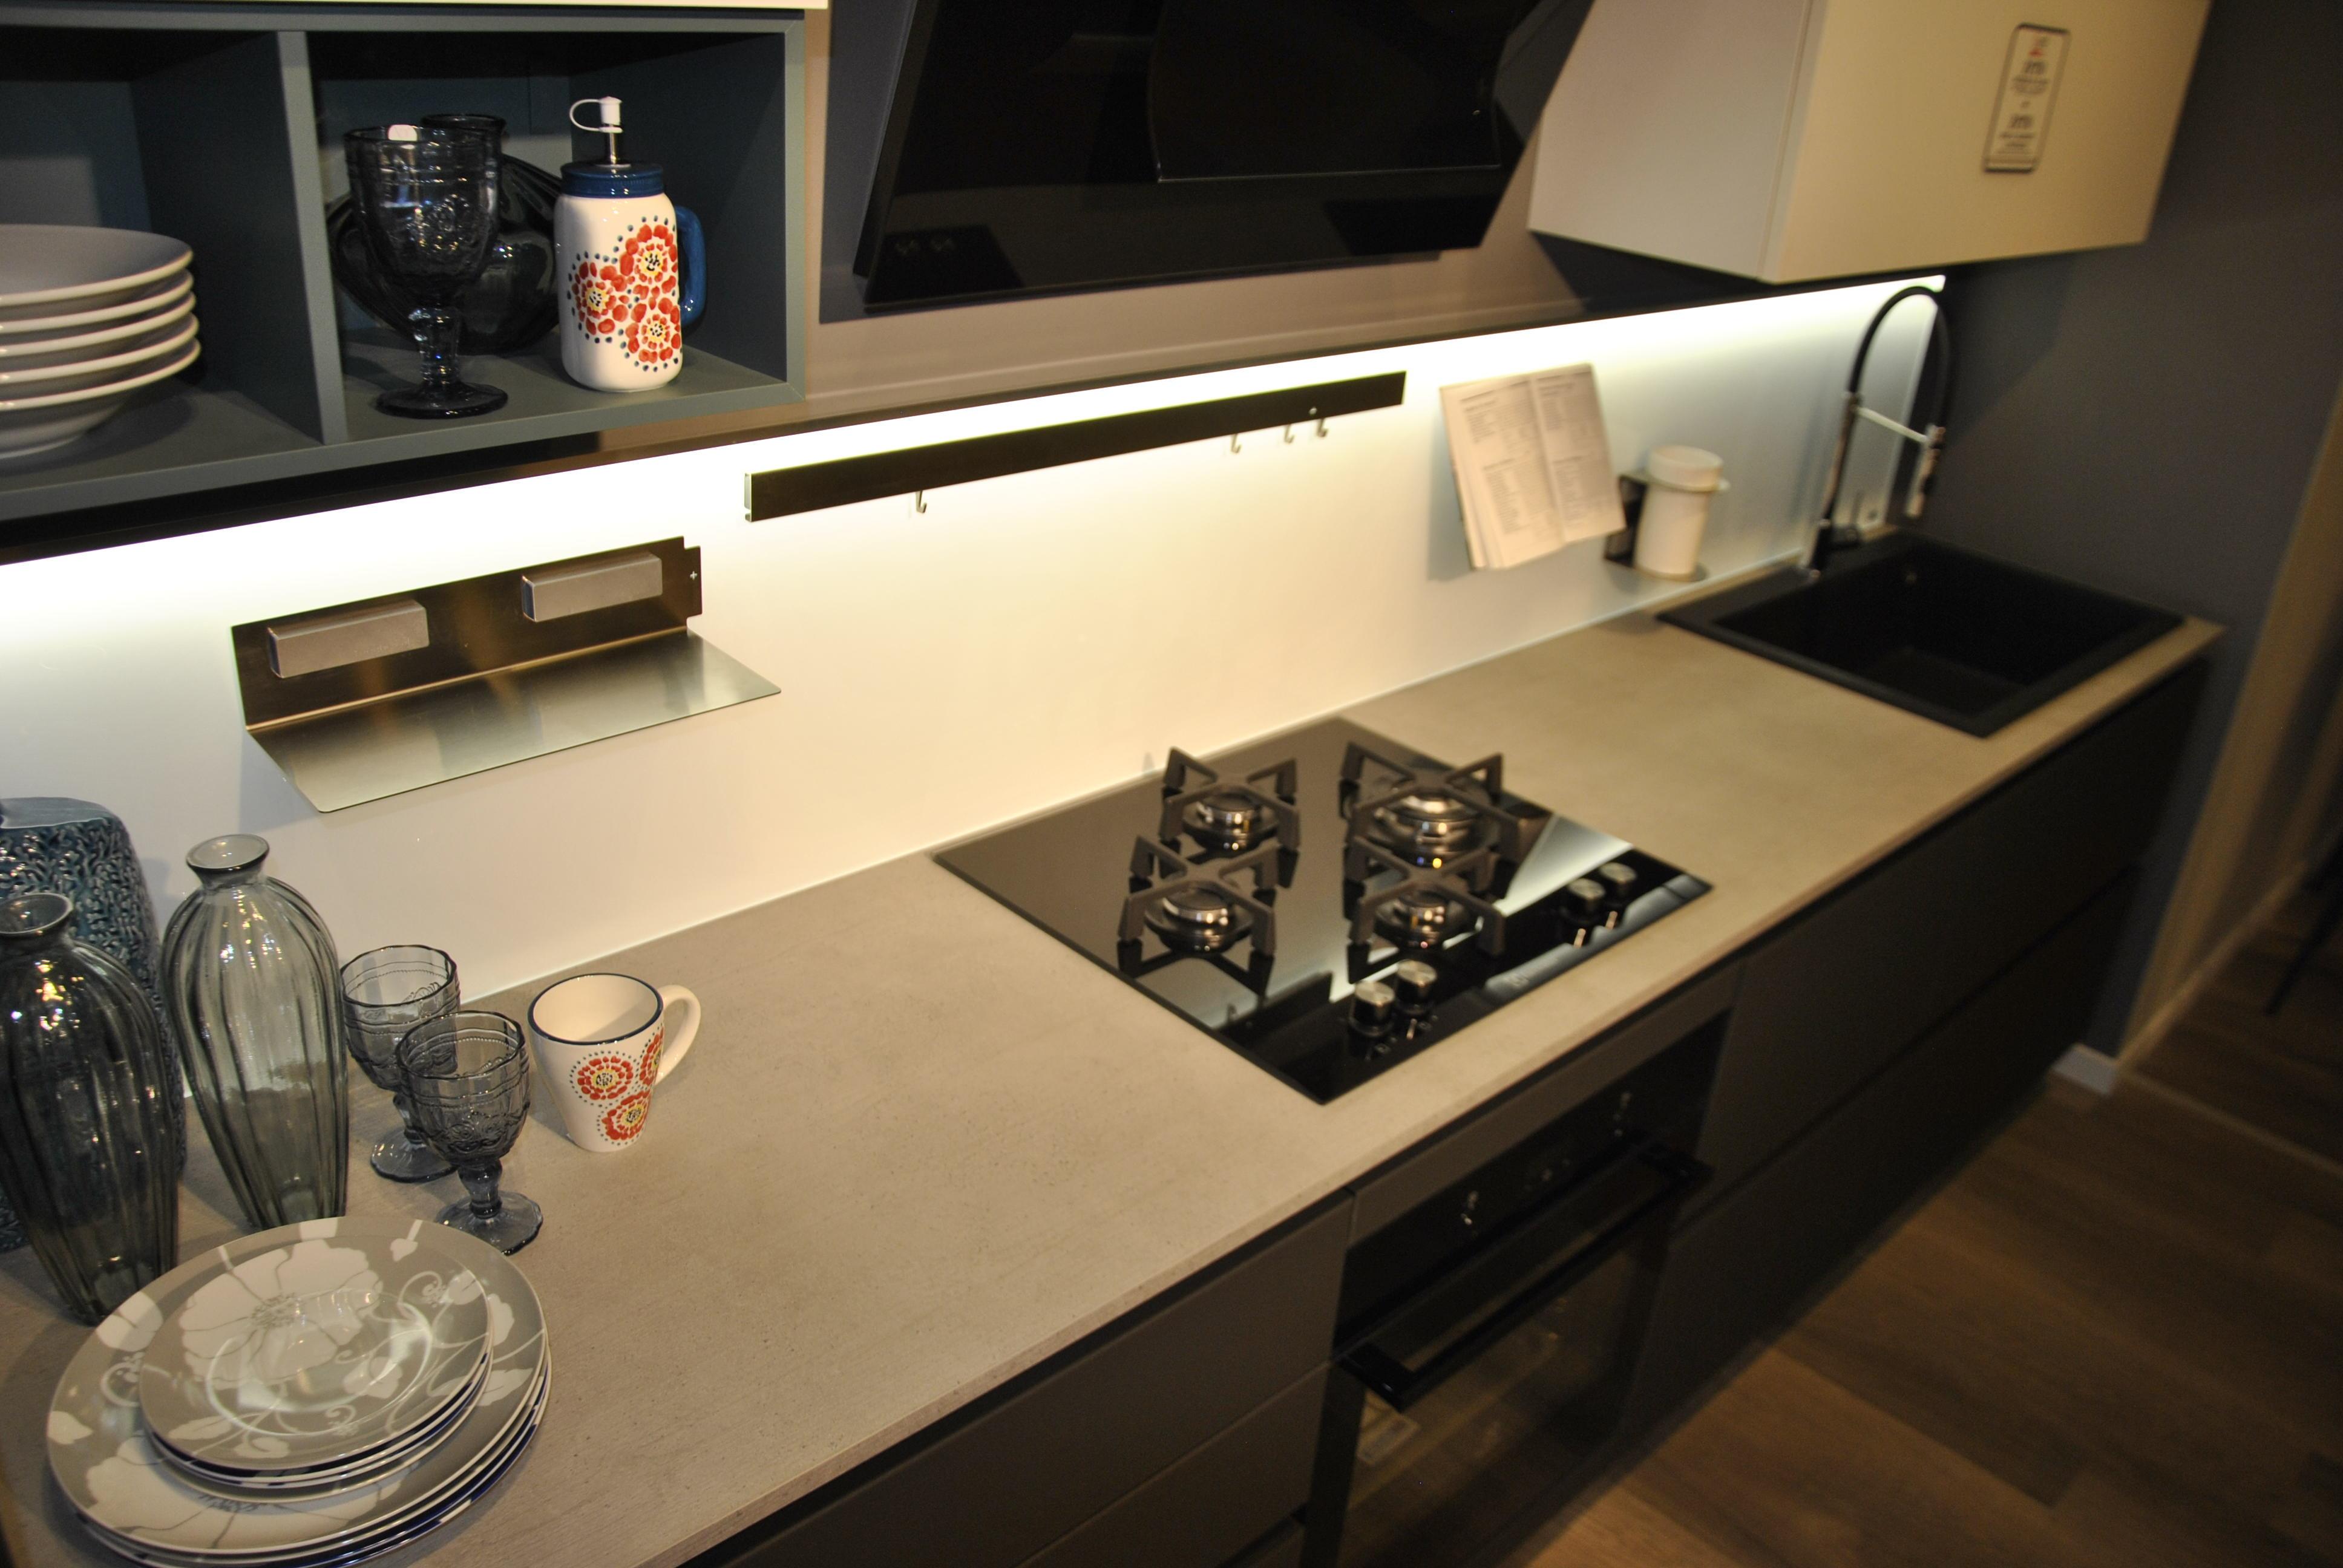 Dondi Salotti Modena.Gruppo Lube Inaugurates A New Kitchen Centre In Modena